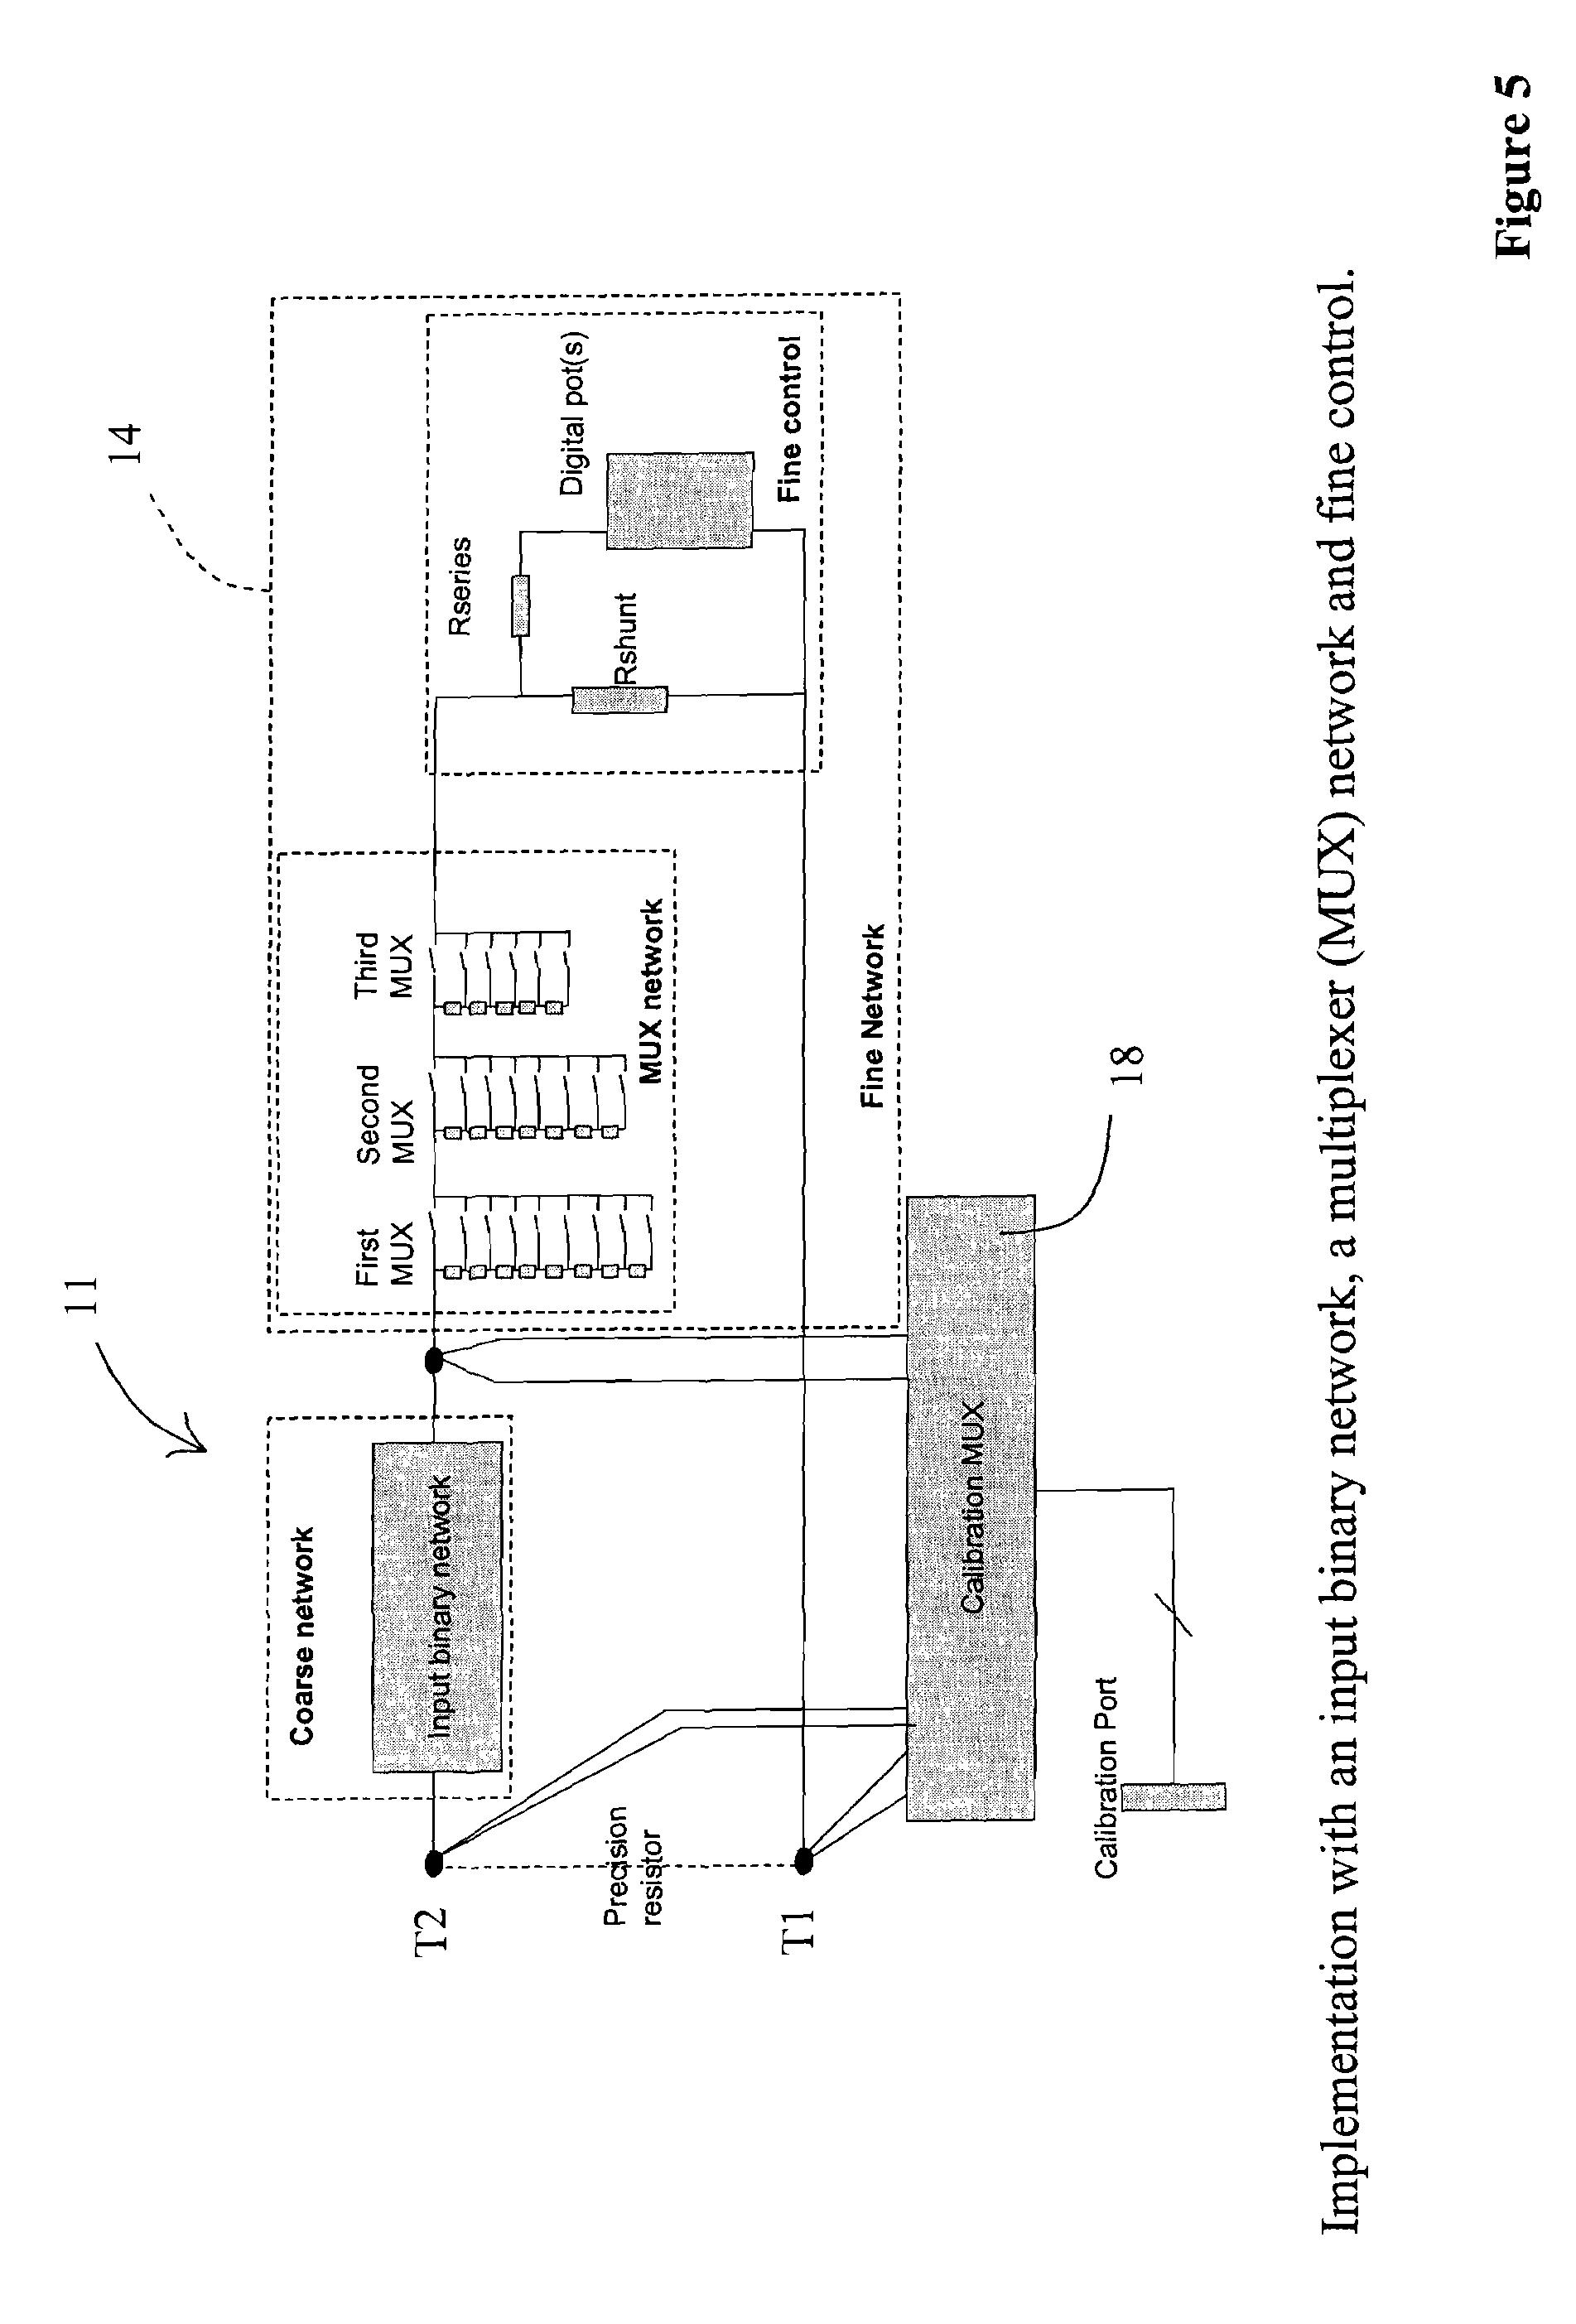 patent us7889048